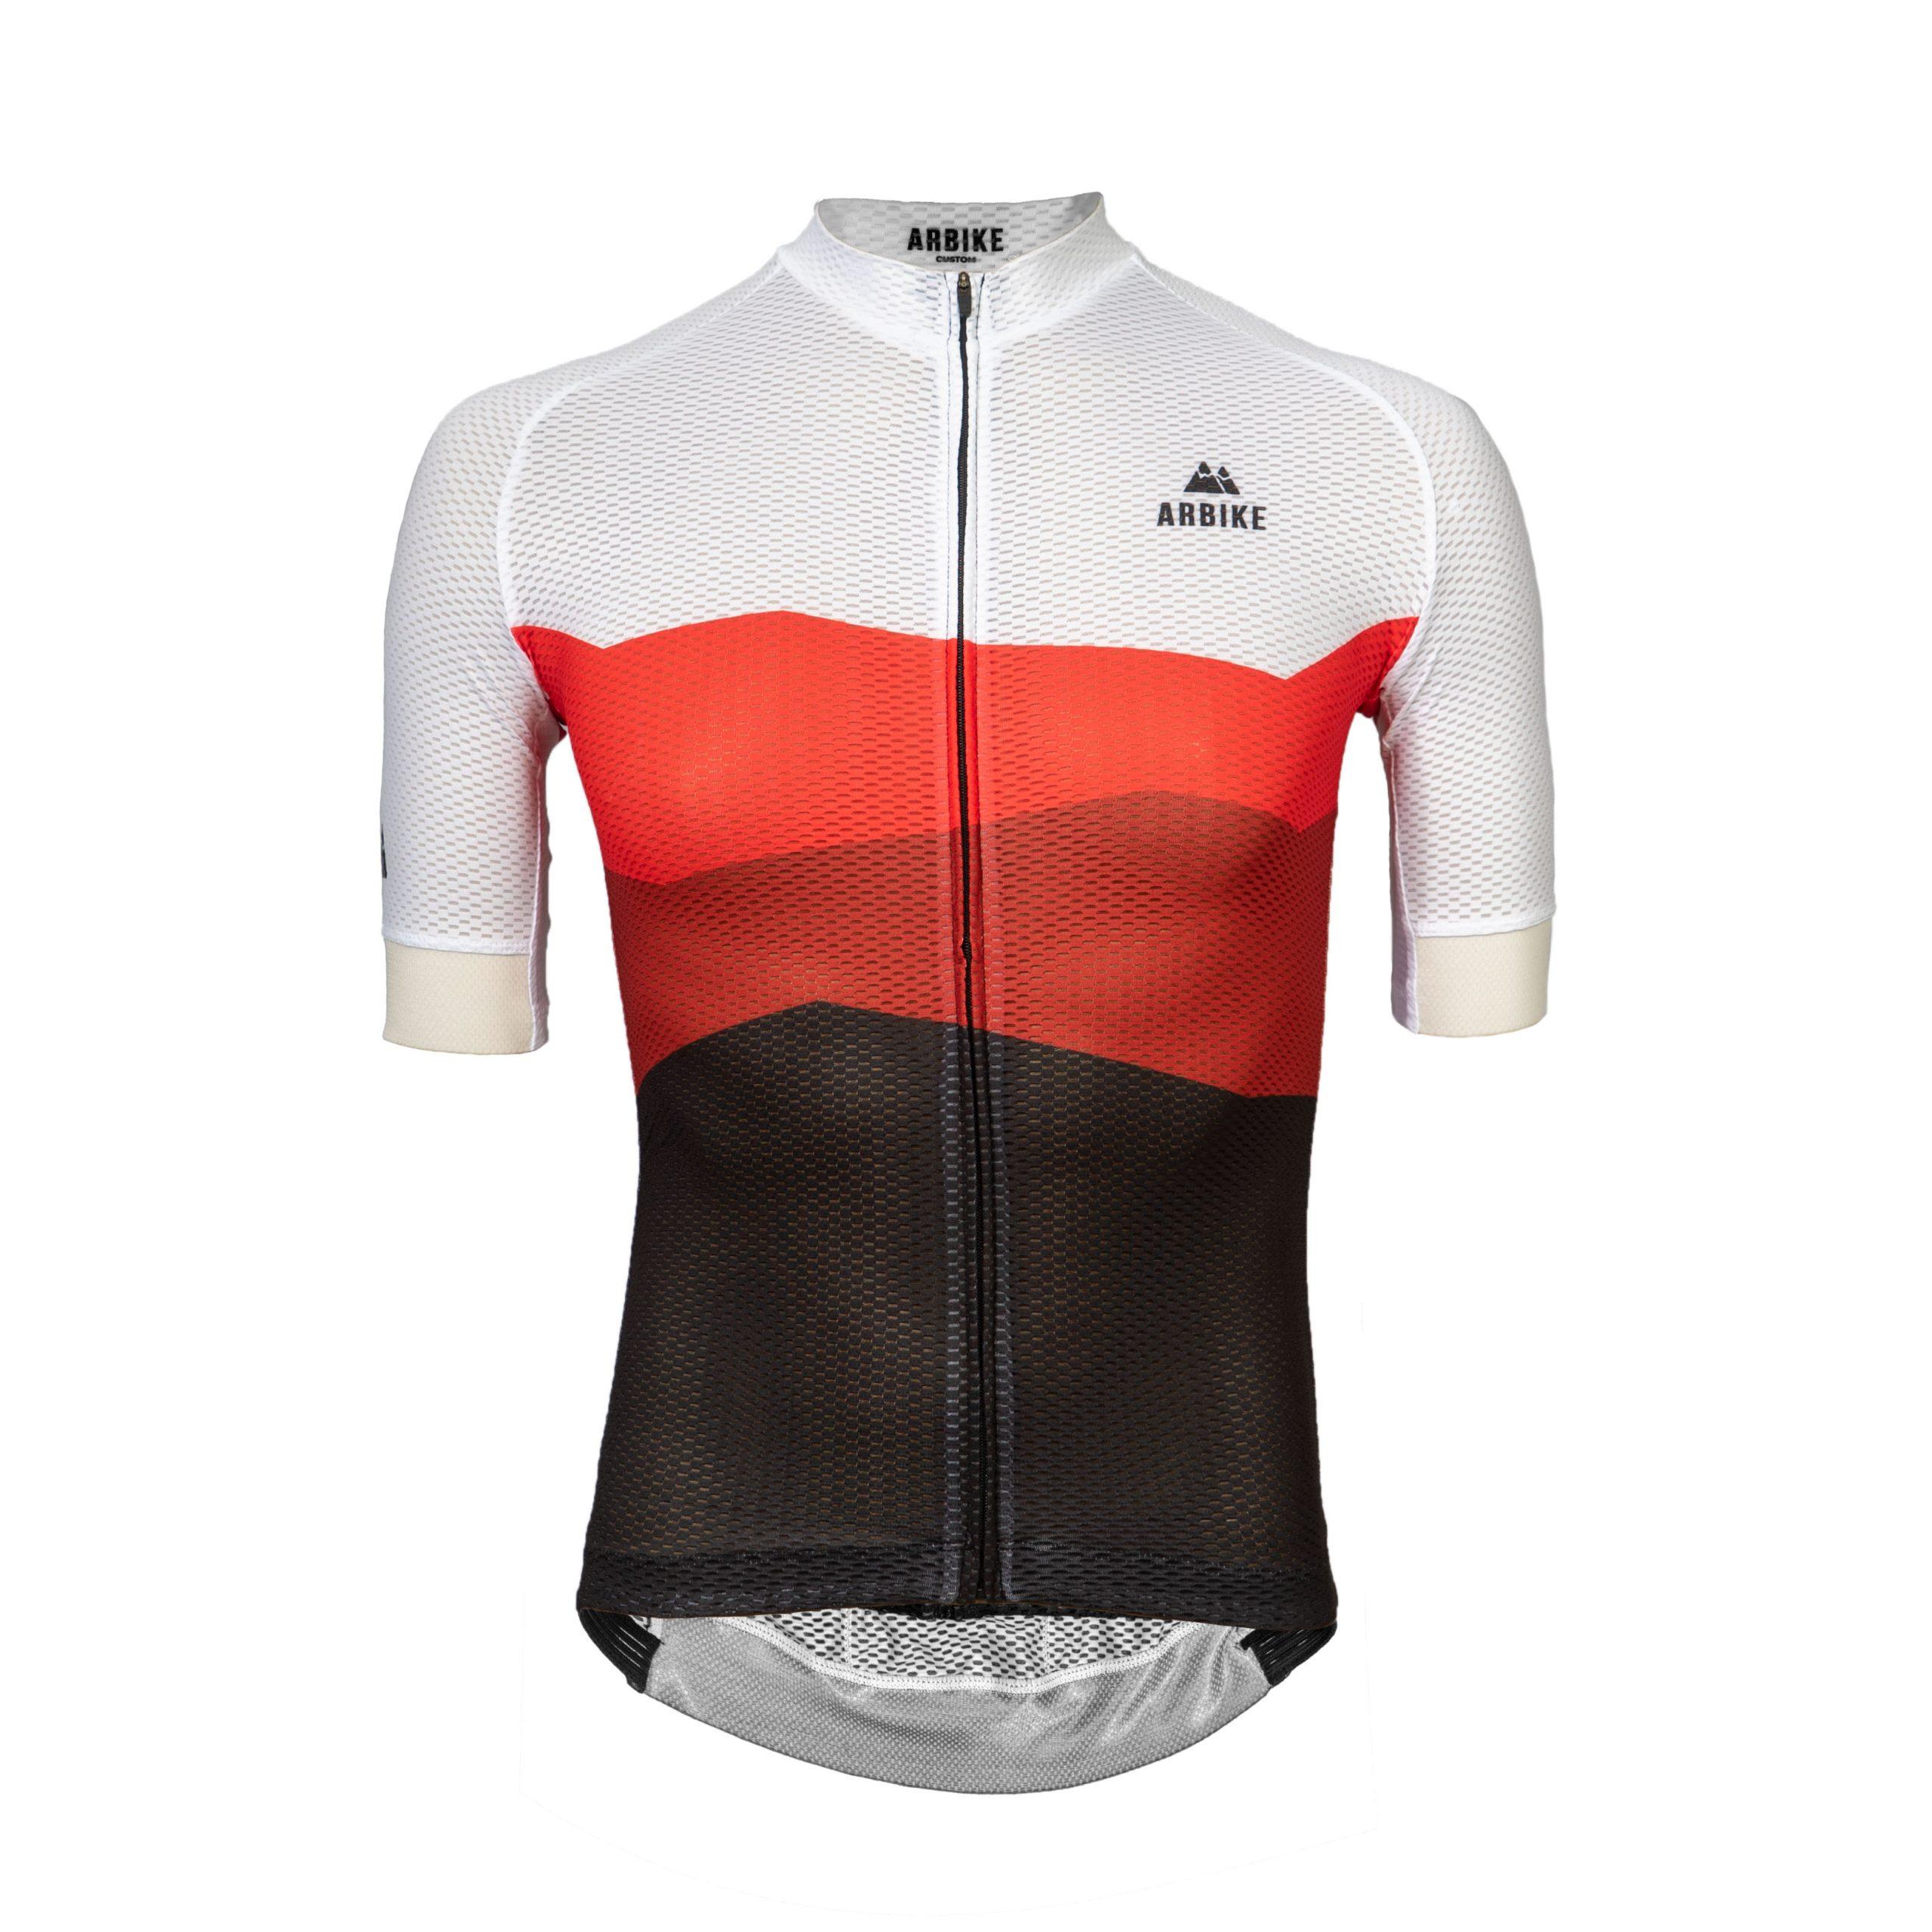 ARBIKE Maillot personalizado alta gama ciclismo